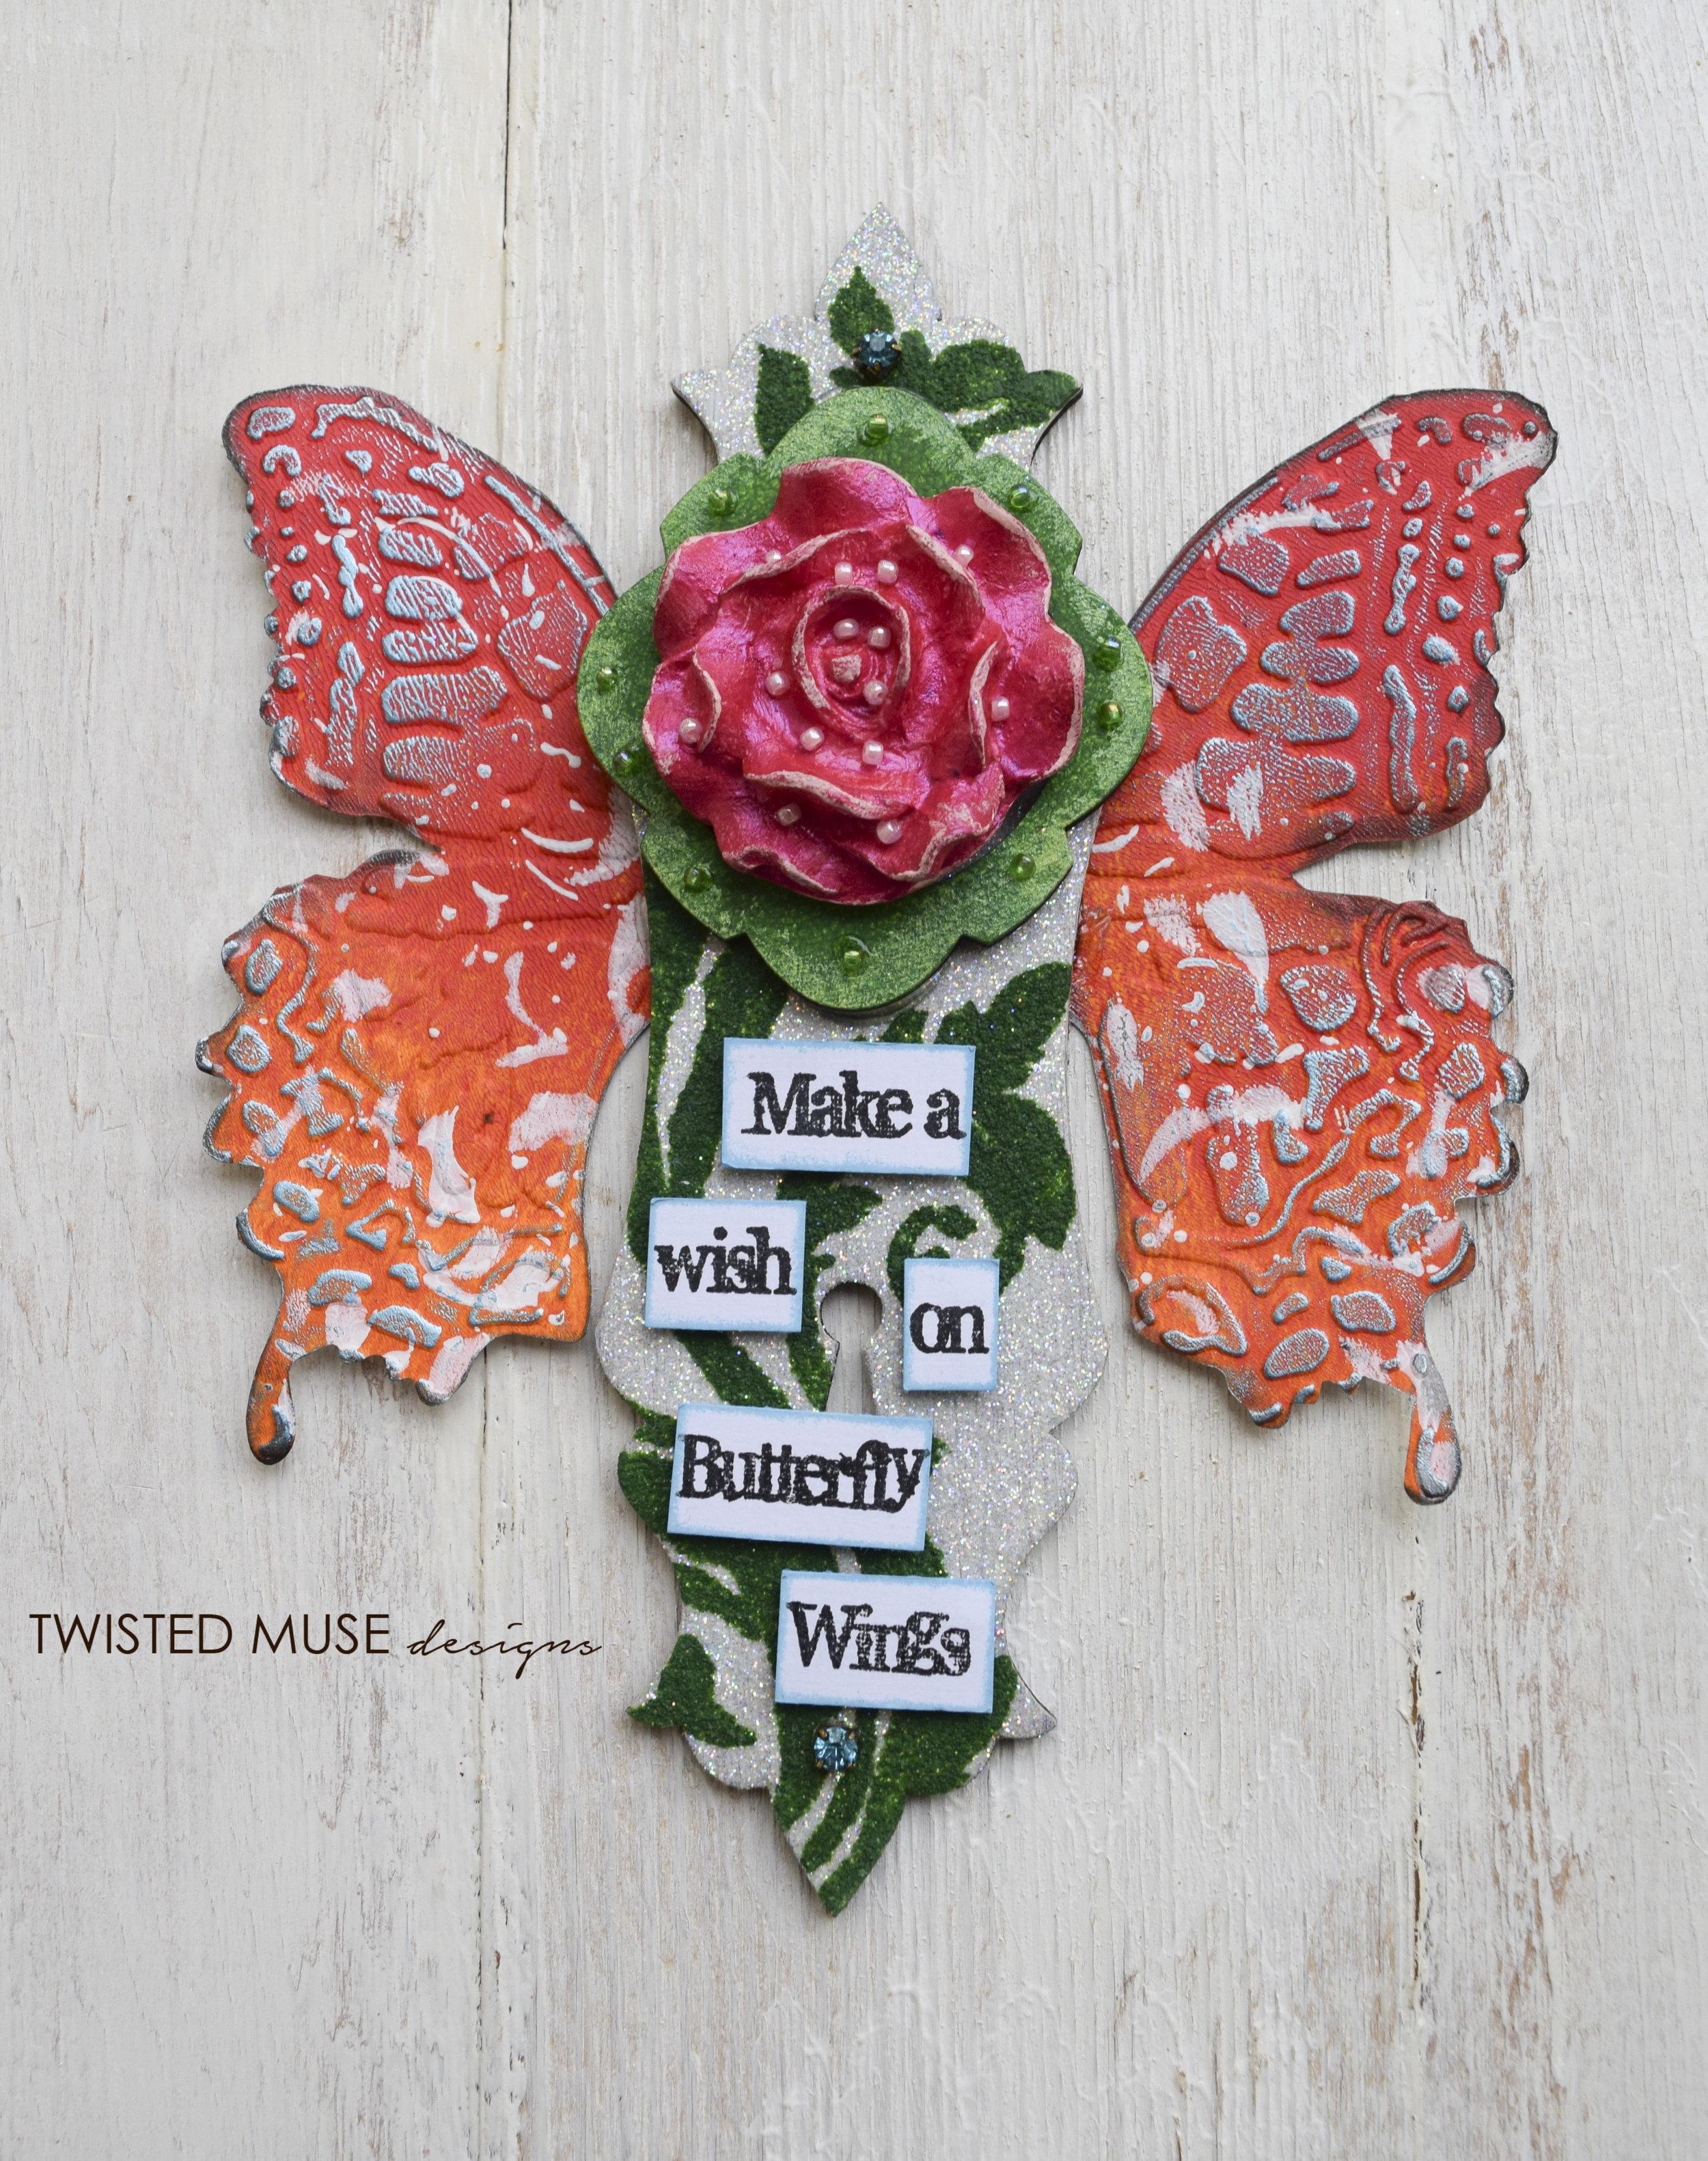 Butterfly-Plate-2.jpg